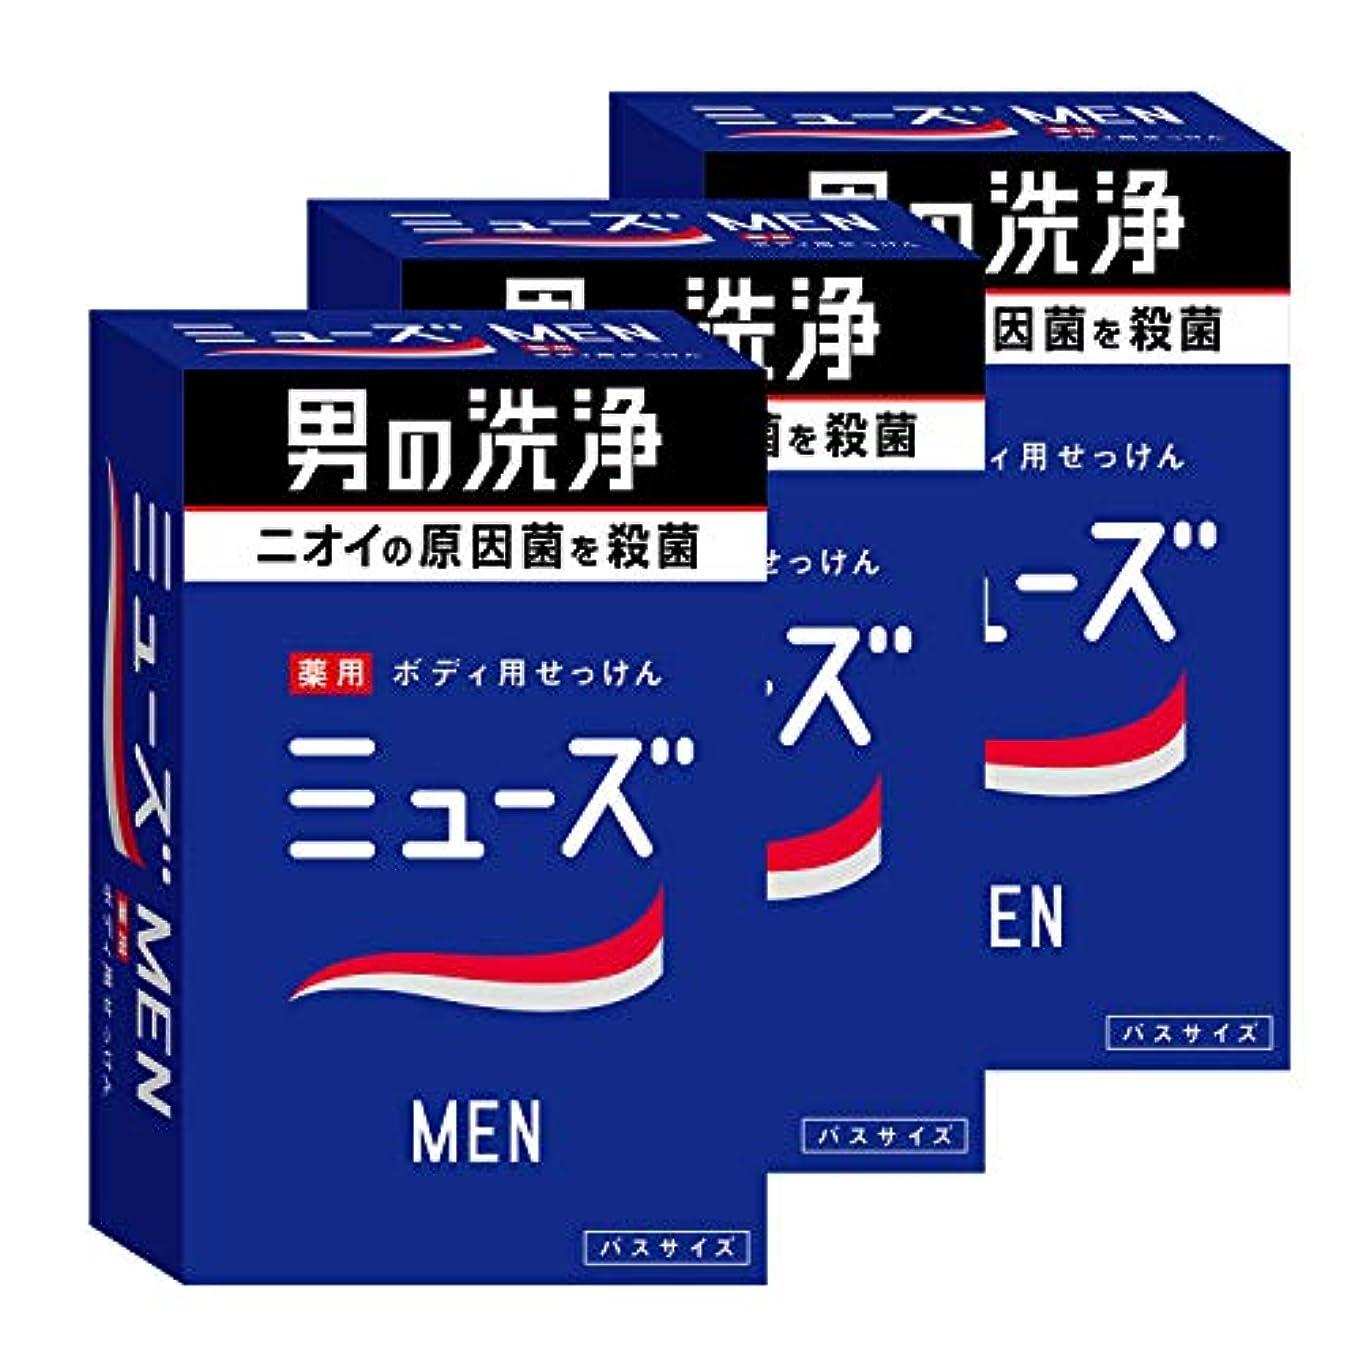 年戻すでる【医薬部外品】ミューズメン ボディ用 石鹸 135g ×3個 消臭